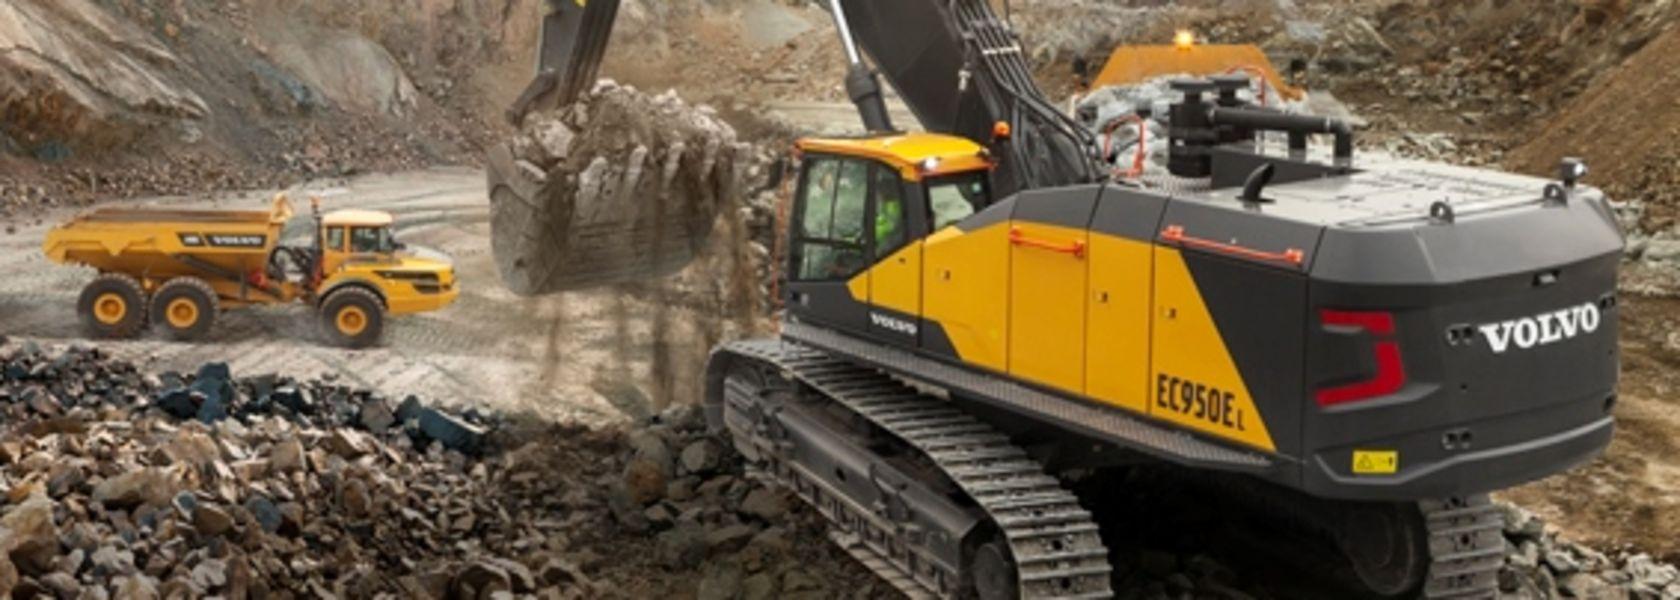 Volvo launches EC950E crawler excavator - Mining Magazine